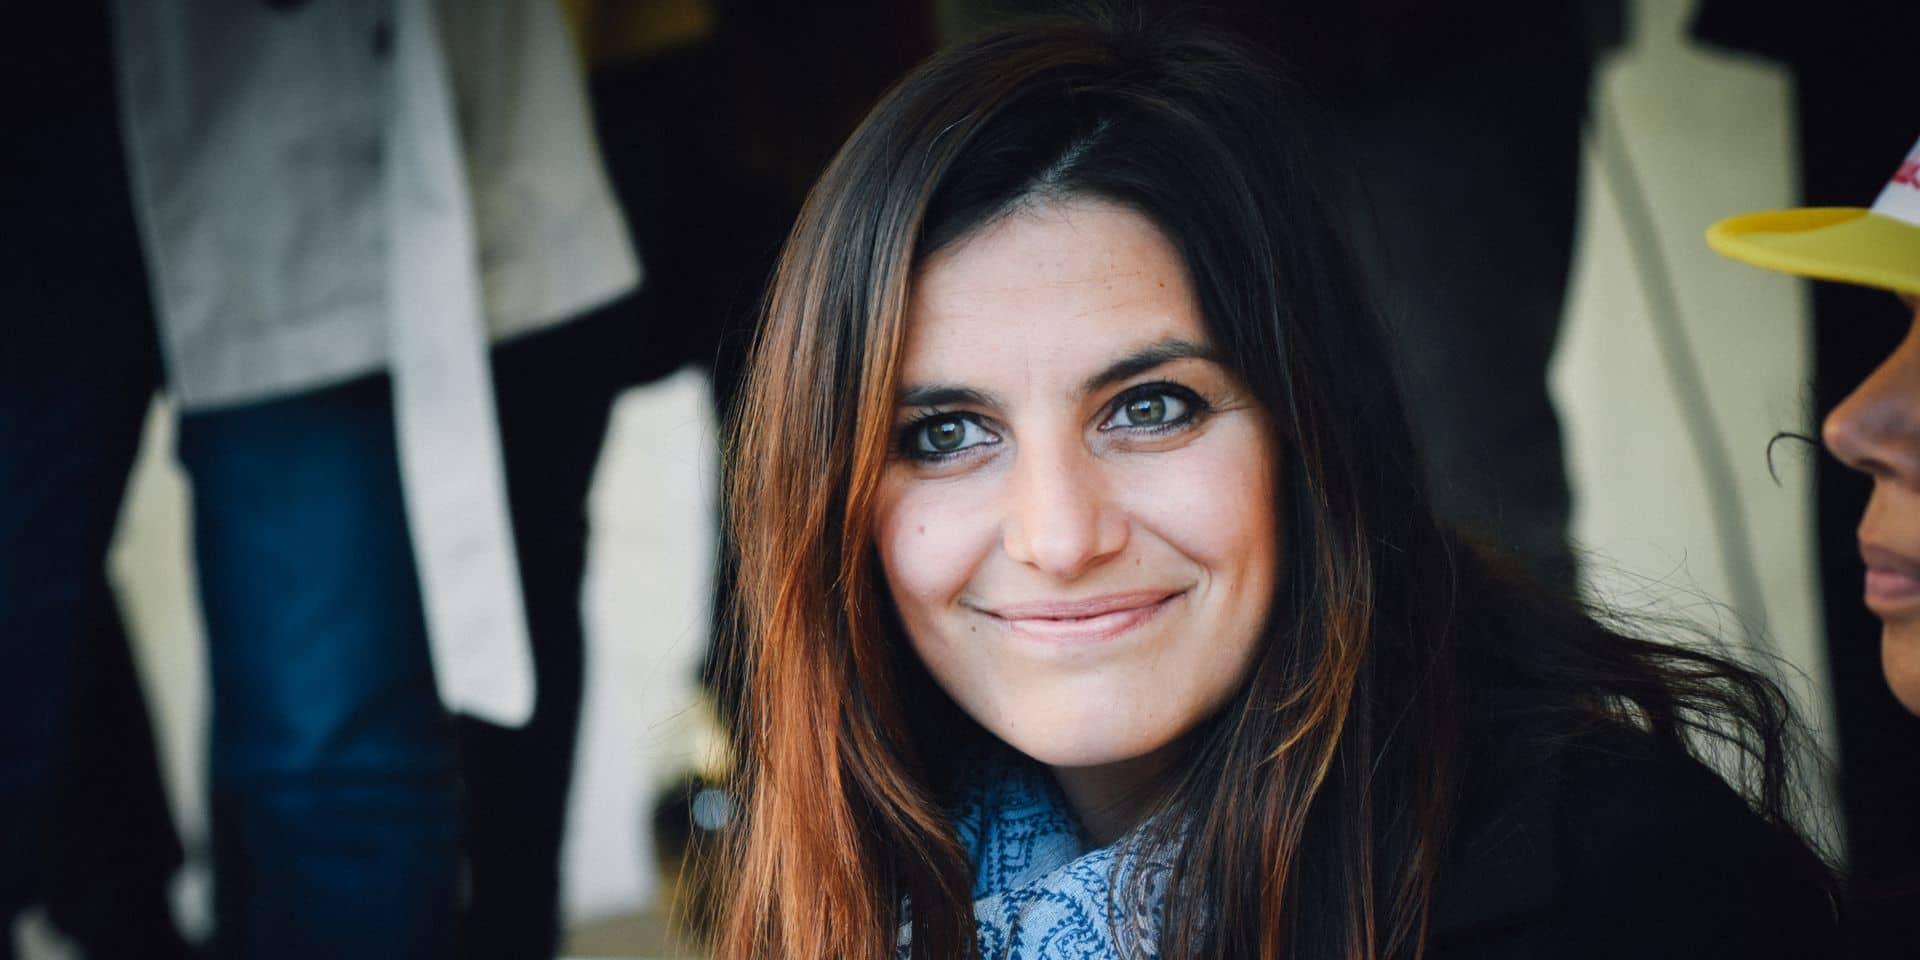 Laetitia Milot partage un « moment privilégié » avec sa fille Lyana